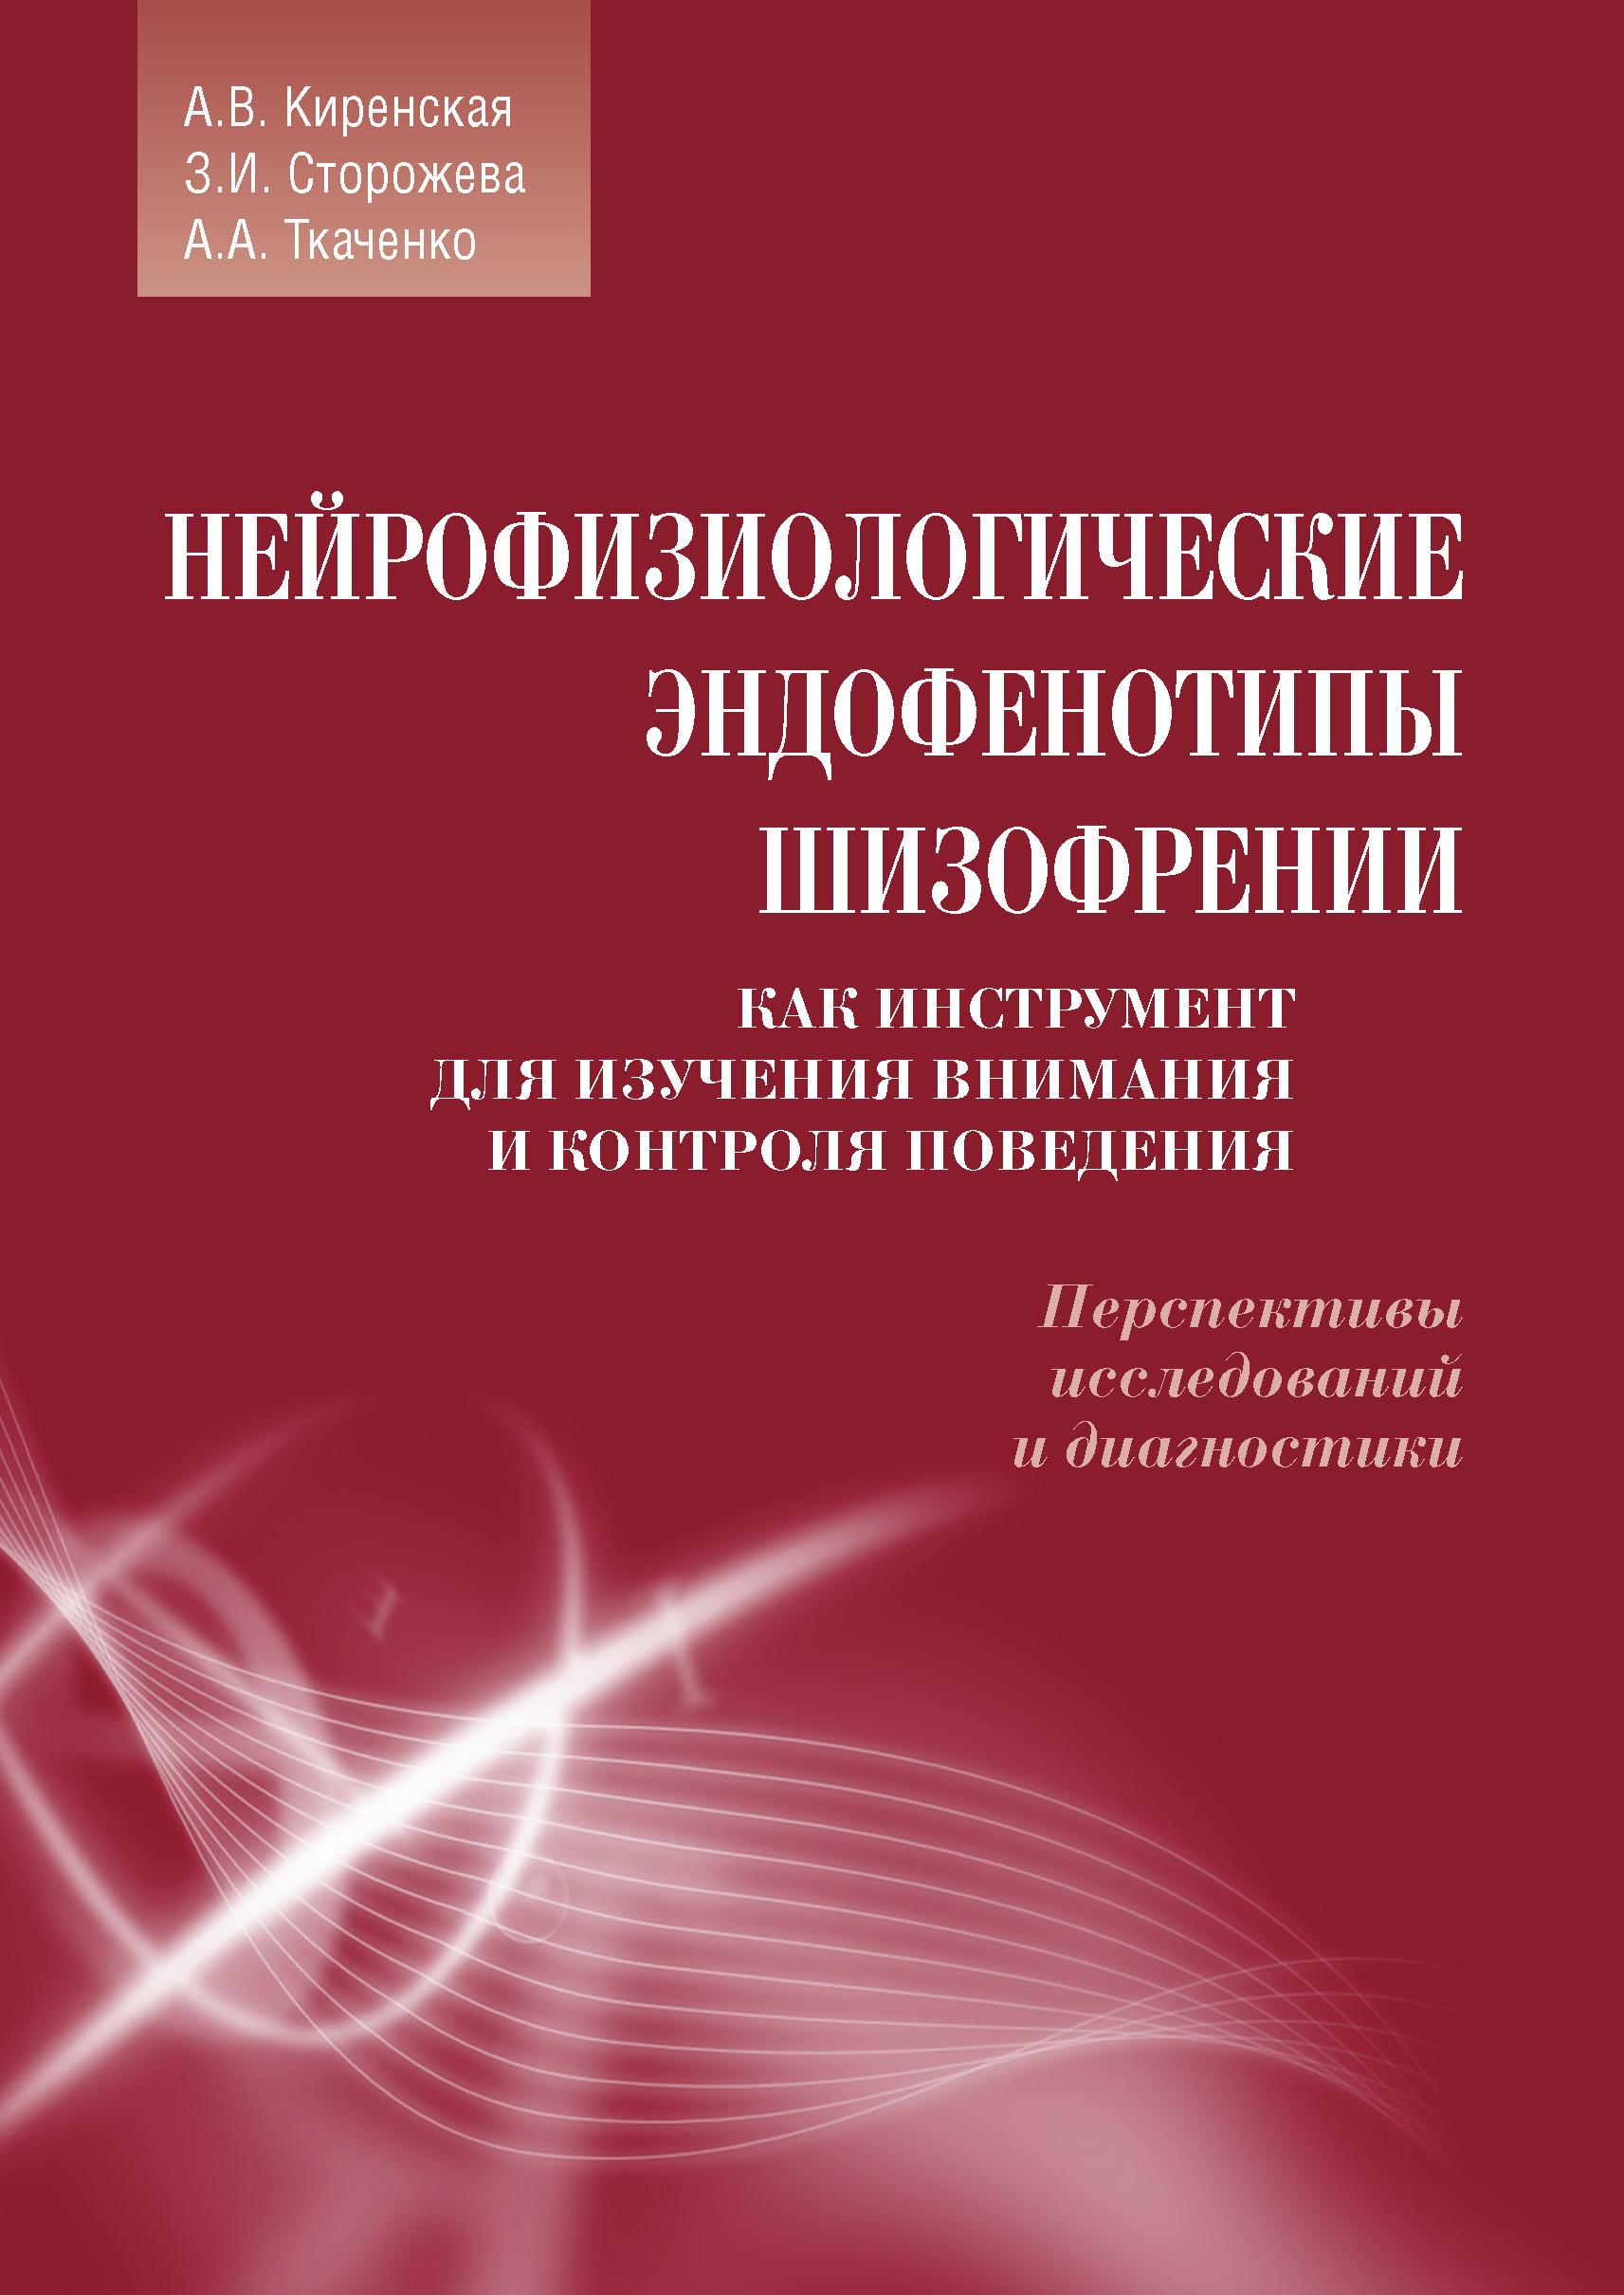 все цены на А. А. Ткаченко Нейрофизиологические эндофенотипы шизофрении как инструмент для изучения внимания и контроля поведения. Перспективы исследований и диагностики онлайн